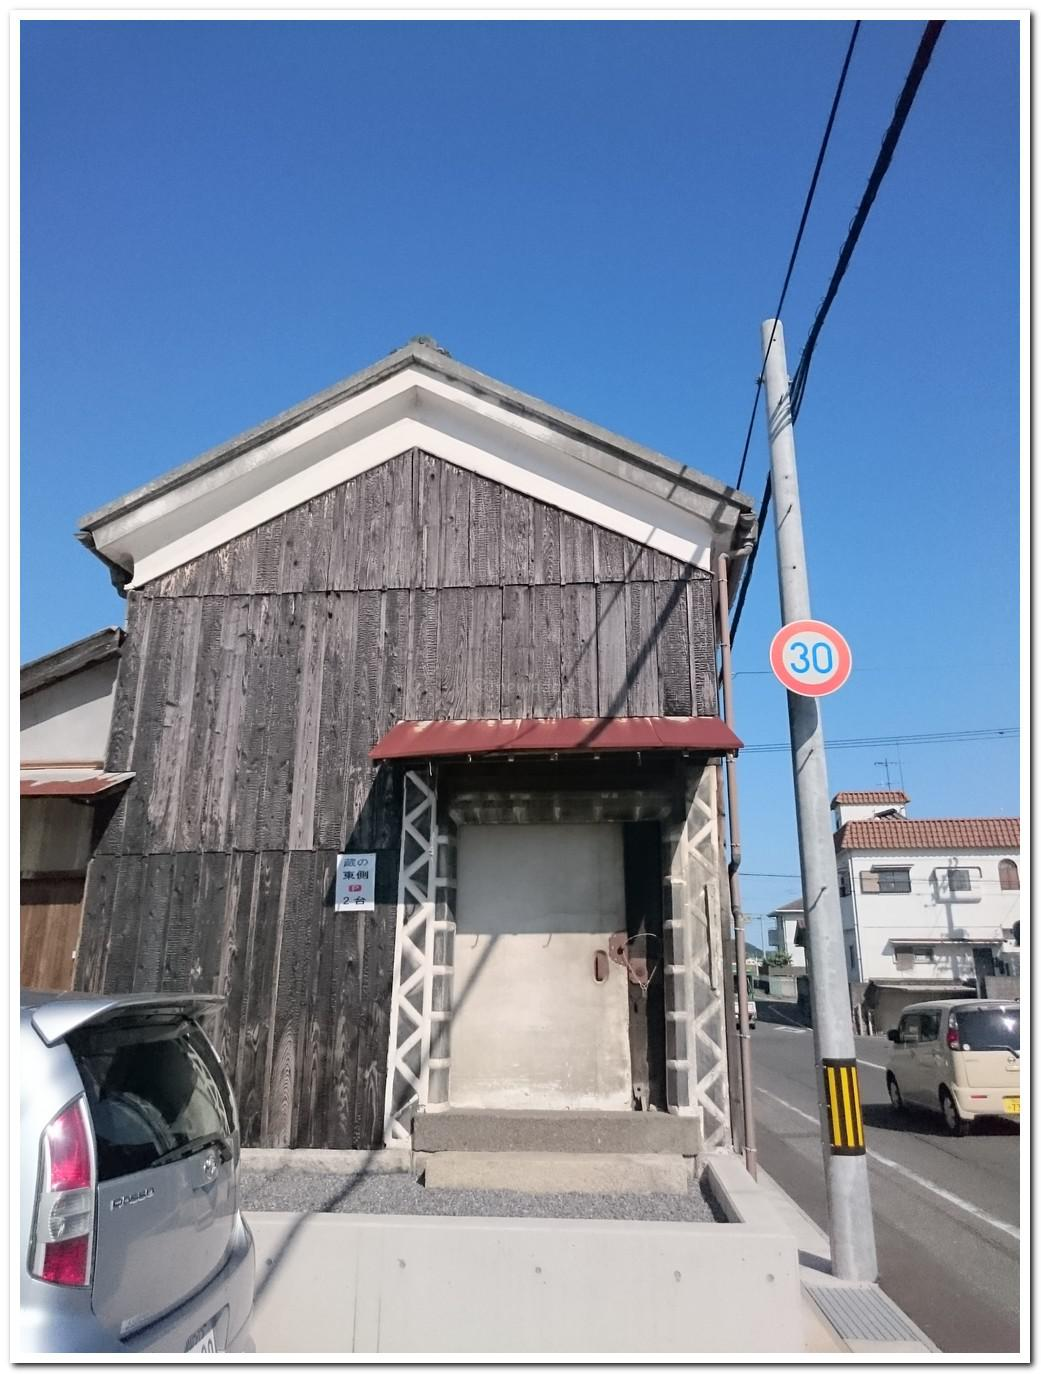 kominka_cafe_jimmubashi_okayama_03